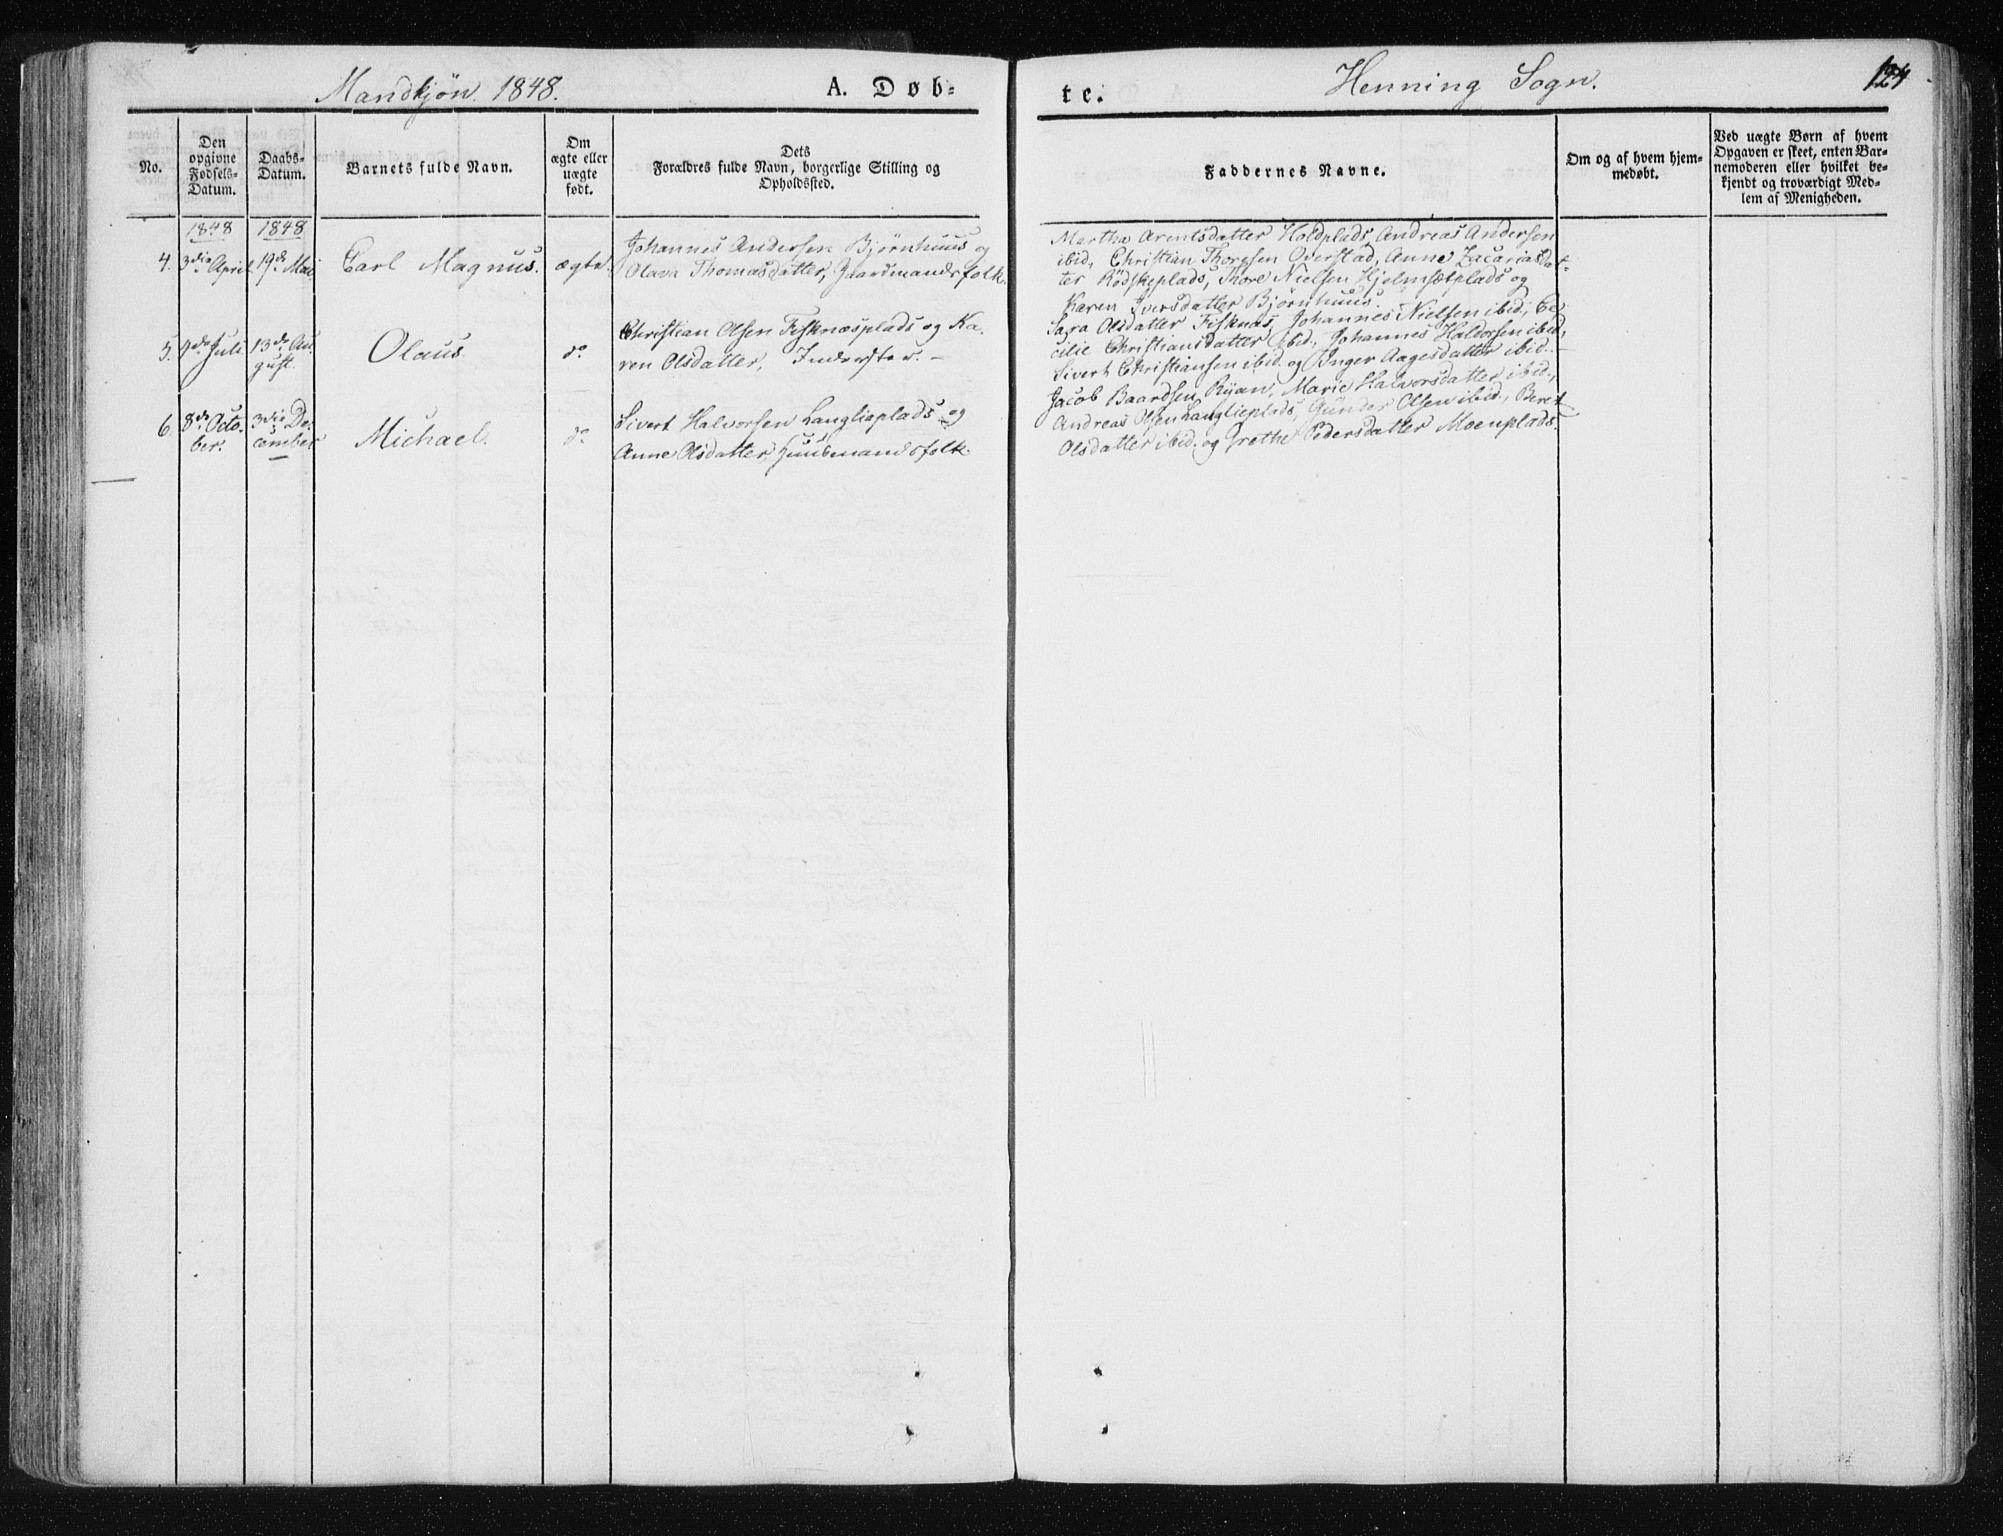 SAT, Ministerialprotokoller, klokkerbøker og fødselsregistre - Nord-Trøndelag, 735/L0339: Ministerialbok nr. 735A06 /3, 1836-1848, s. 124